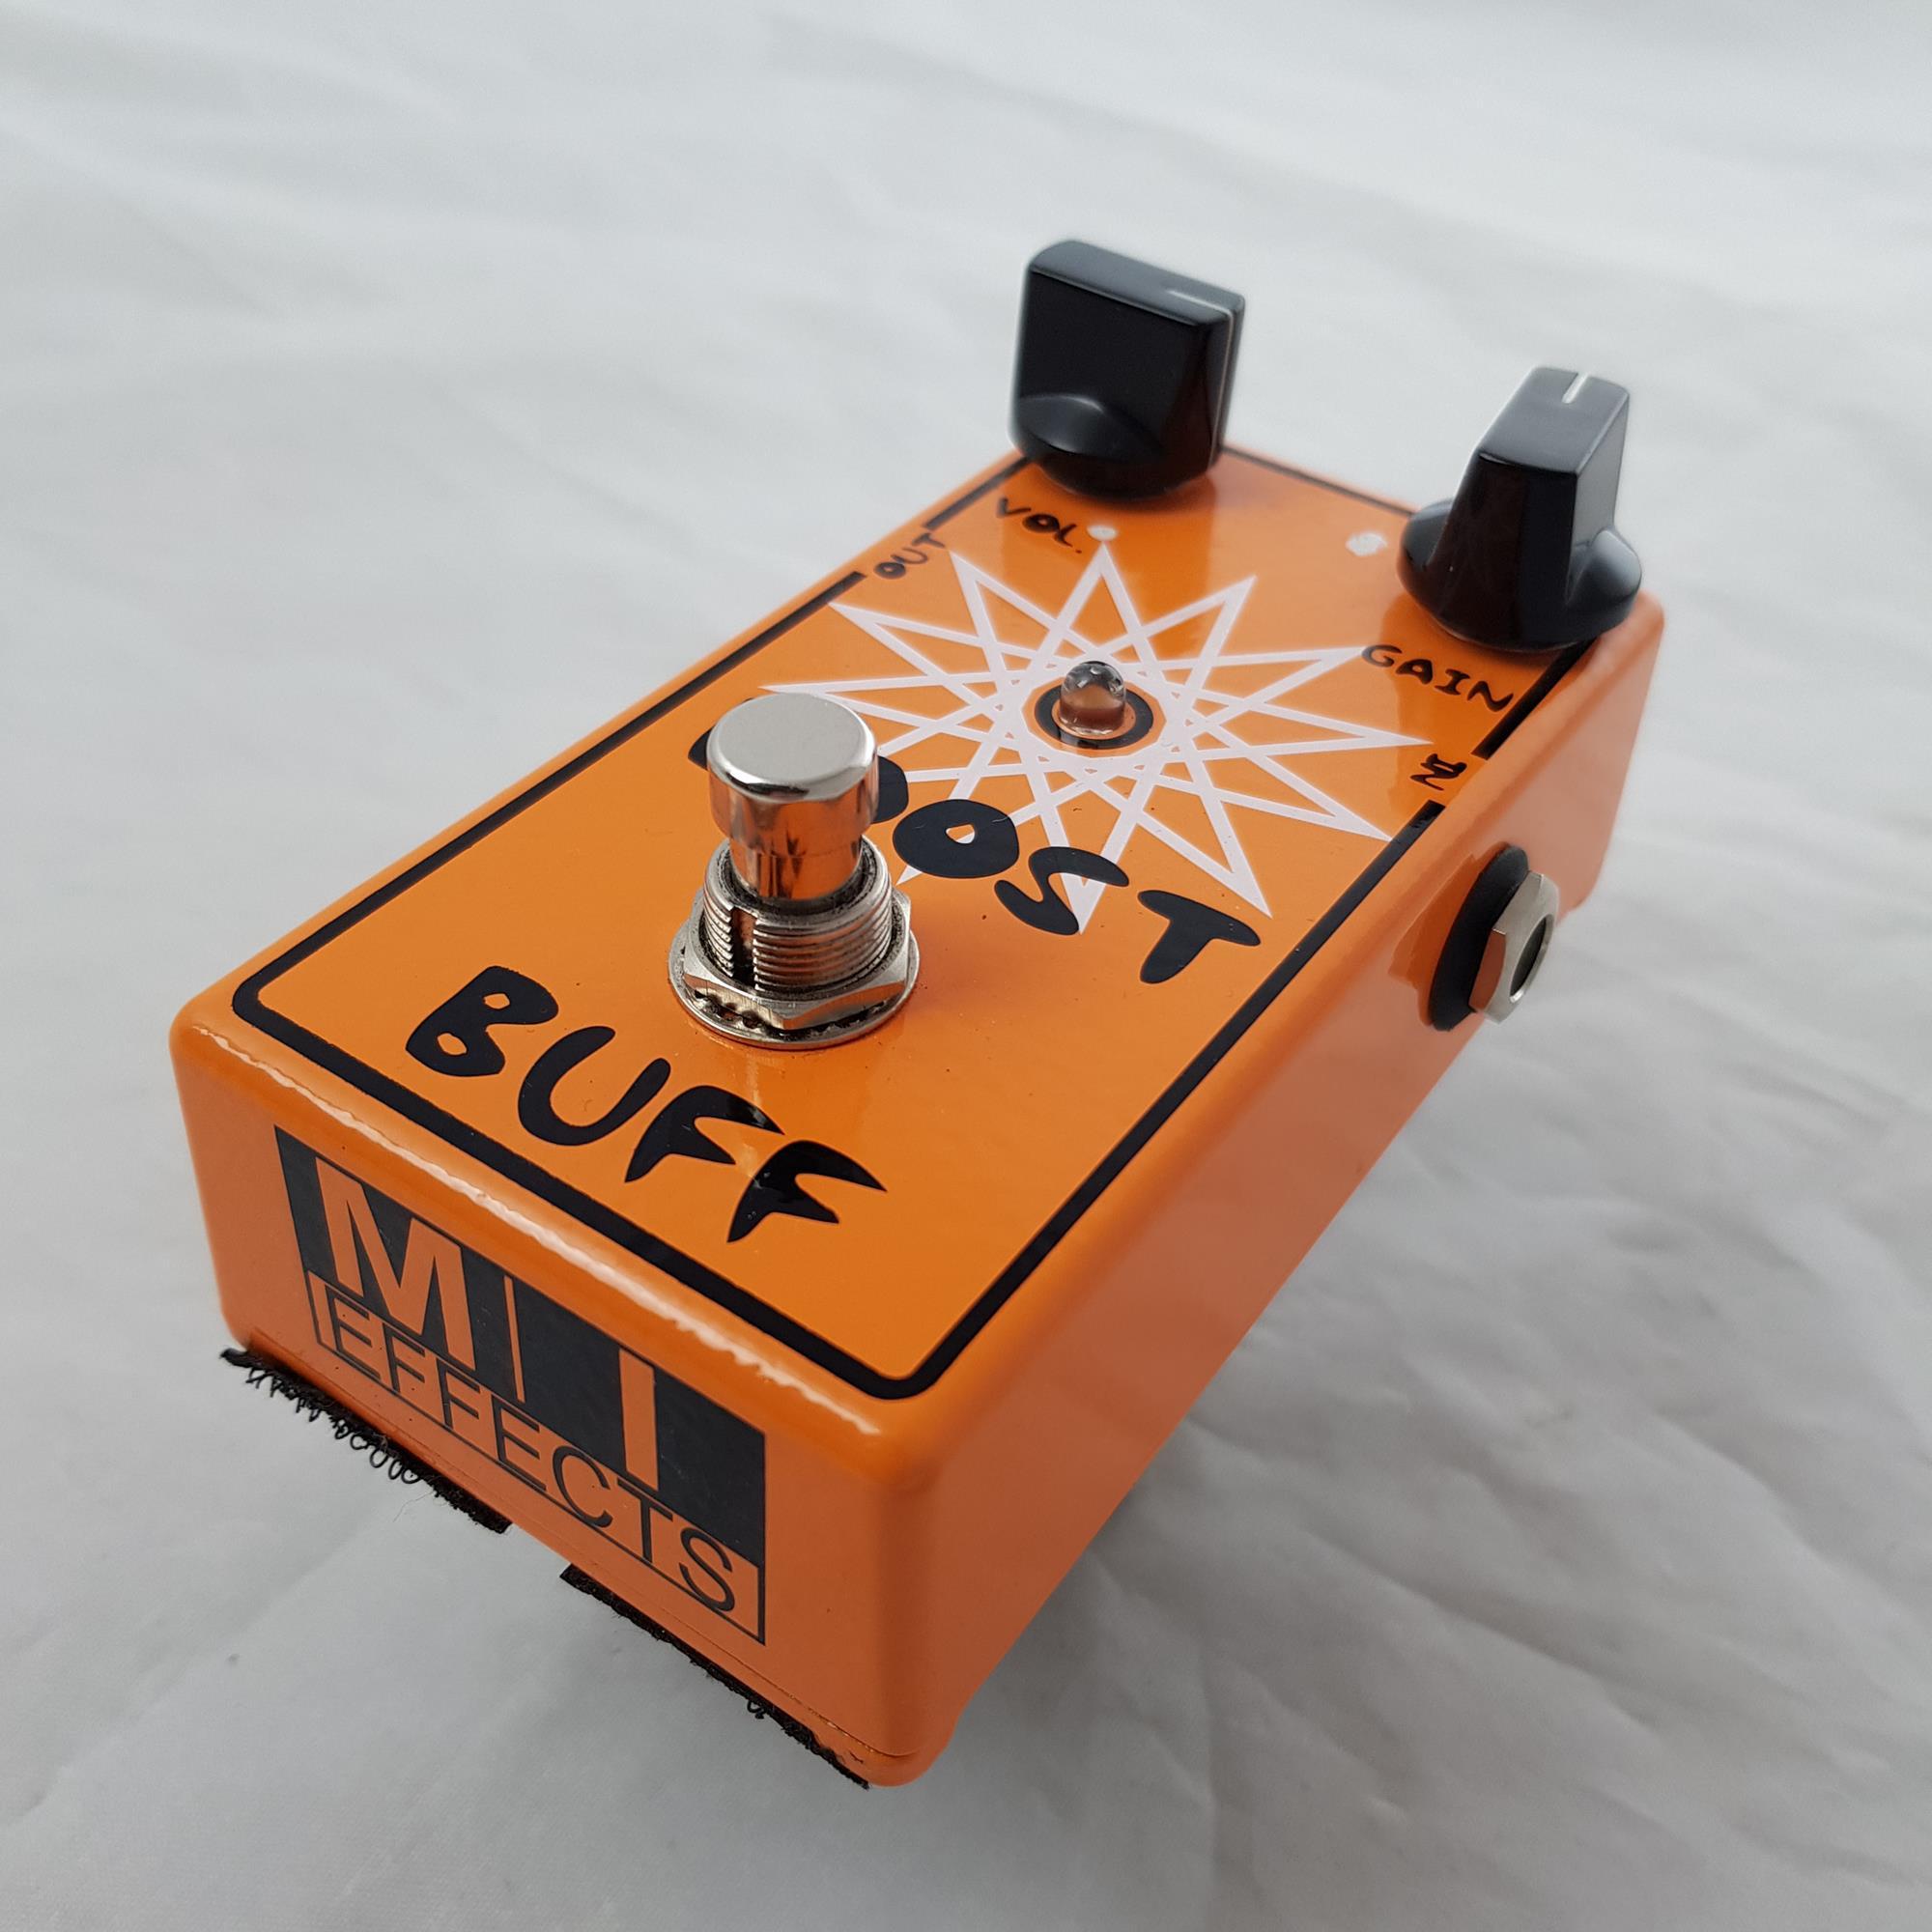 MI-AUDIO-BOOST-BUFF-sku-1624117118117